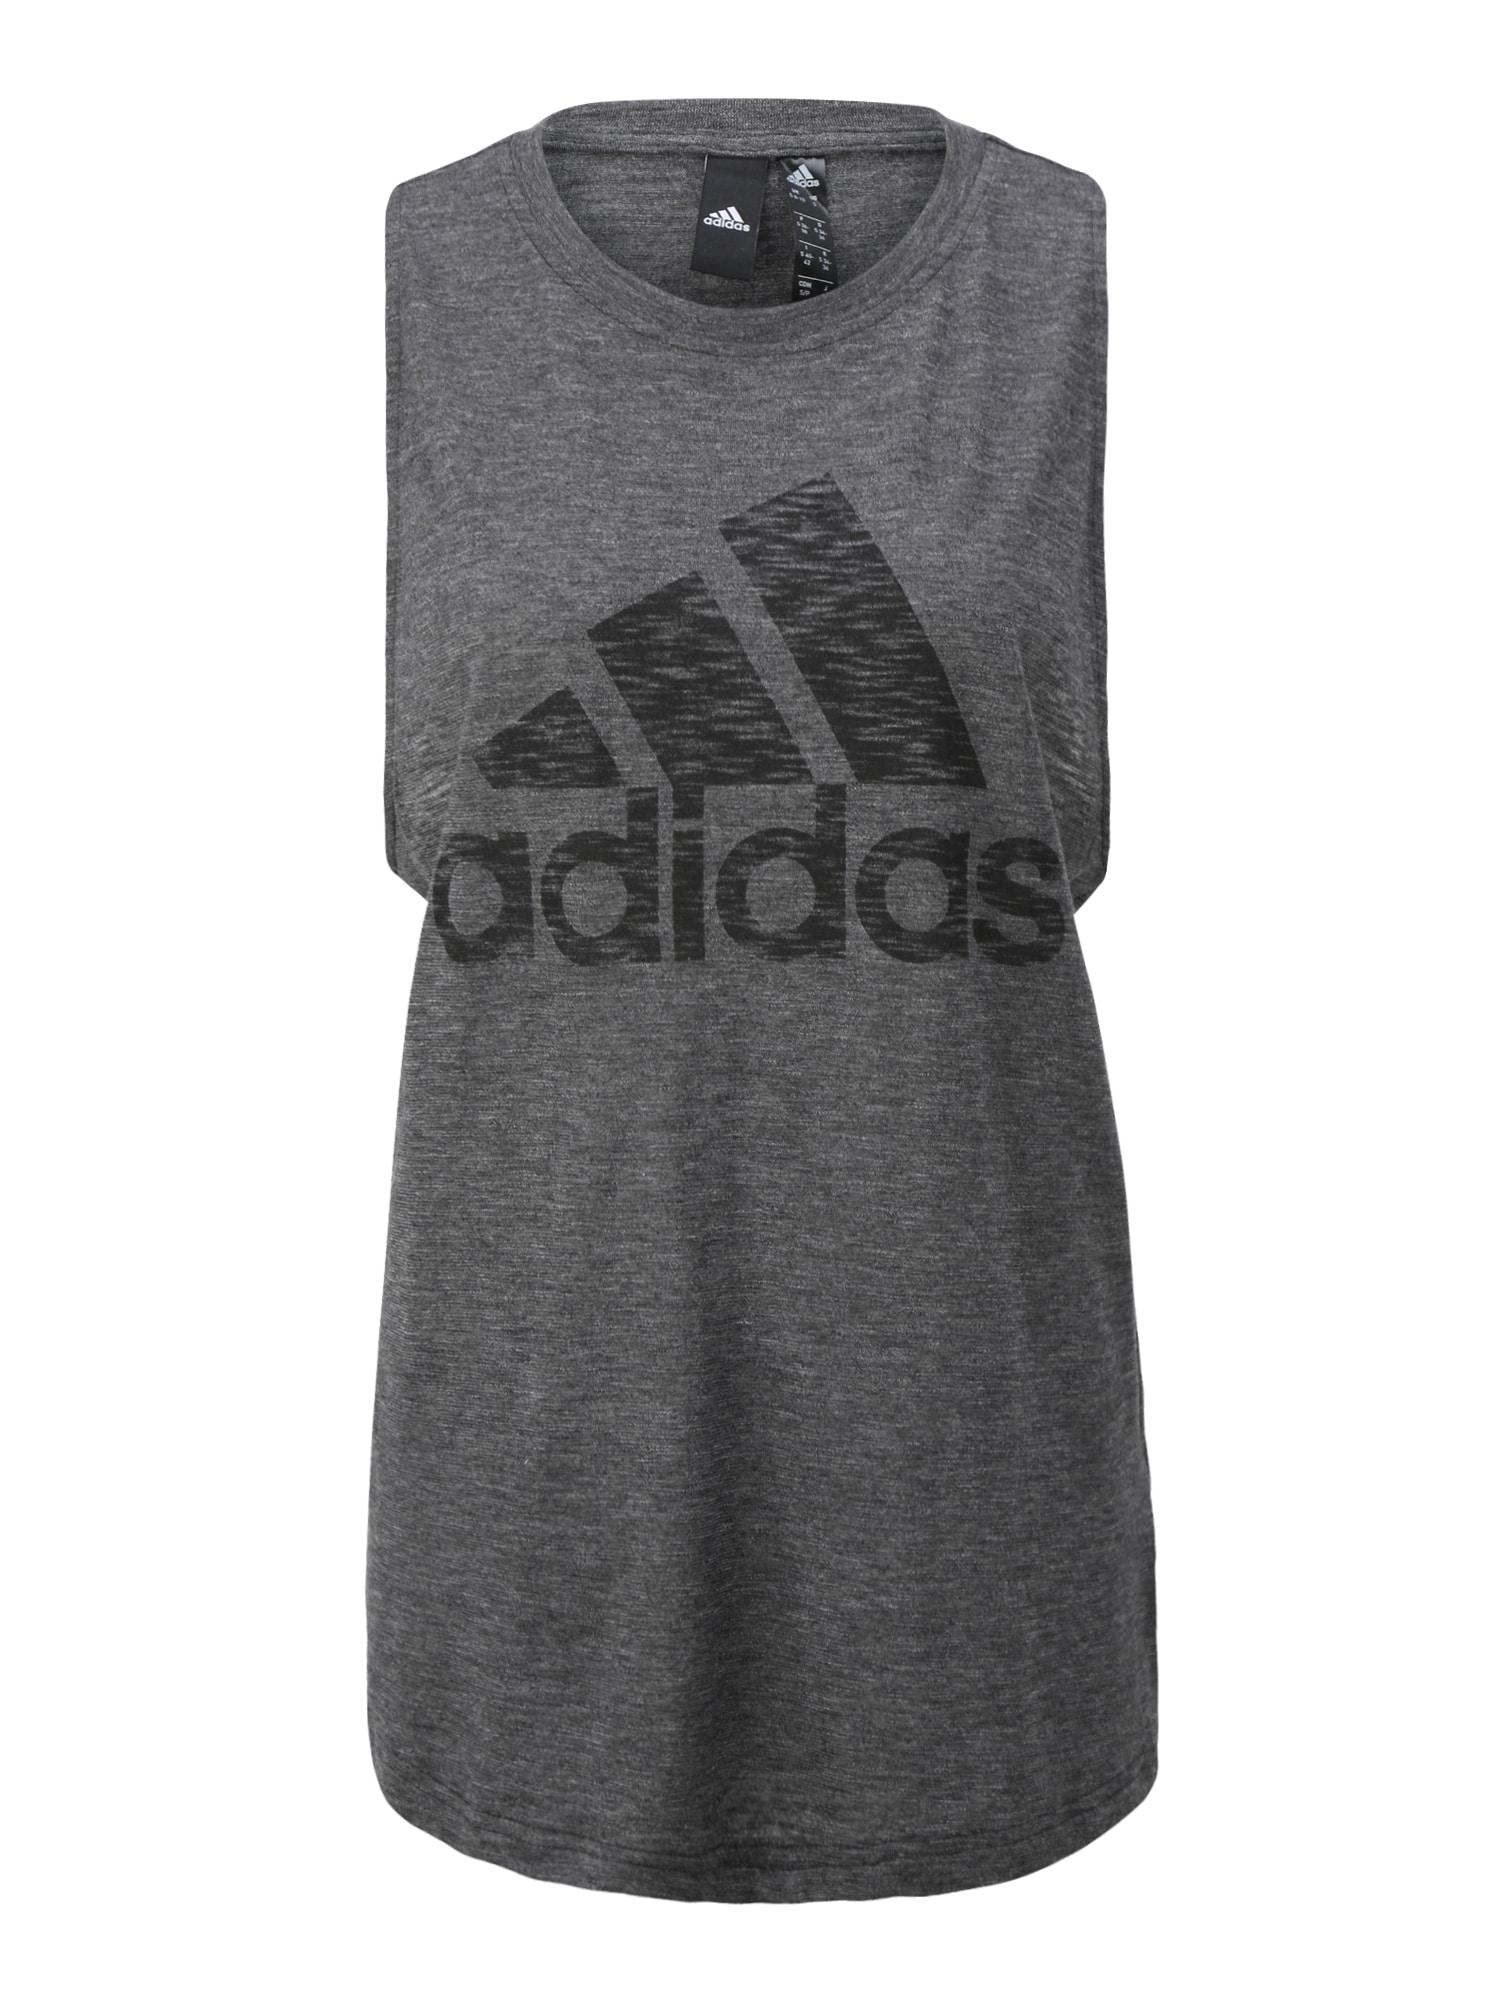 ADIDAS PERFORMANCE Sportiniai marškinėliai be rankovių juoda / margai pilka